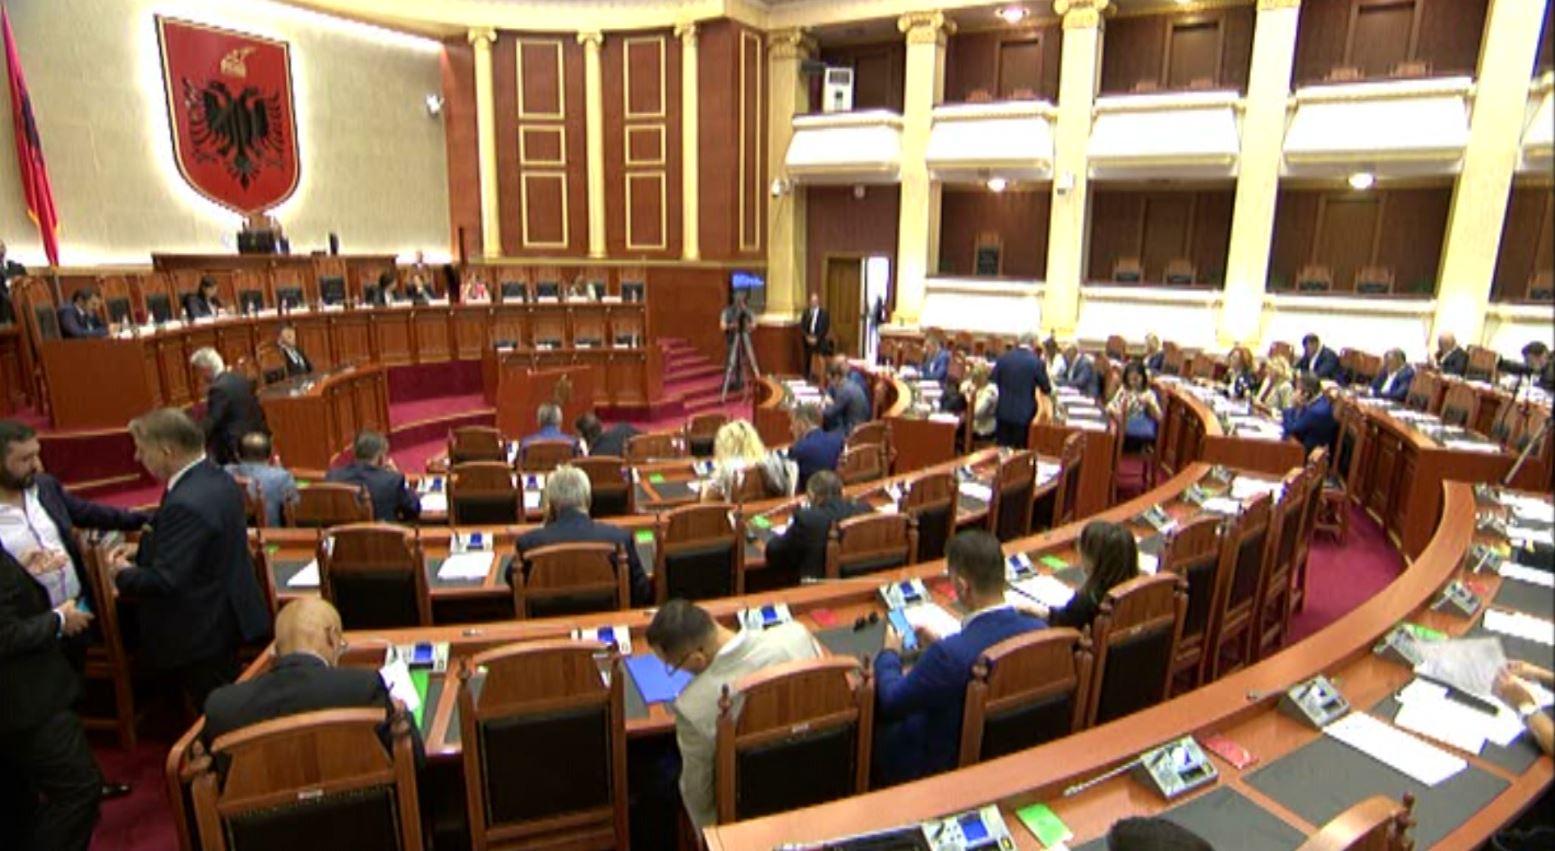 Kuvendi në seancë të posaçme, opozita kërkon shpalljen e 21 janarit festë kombëtare